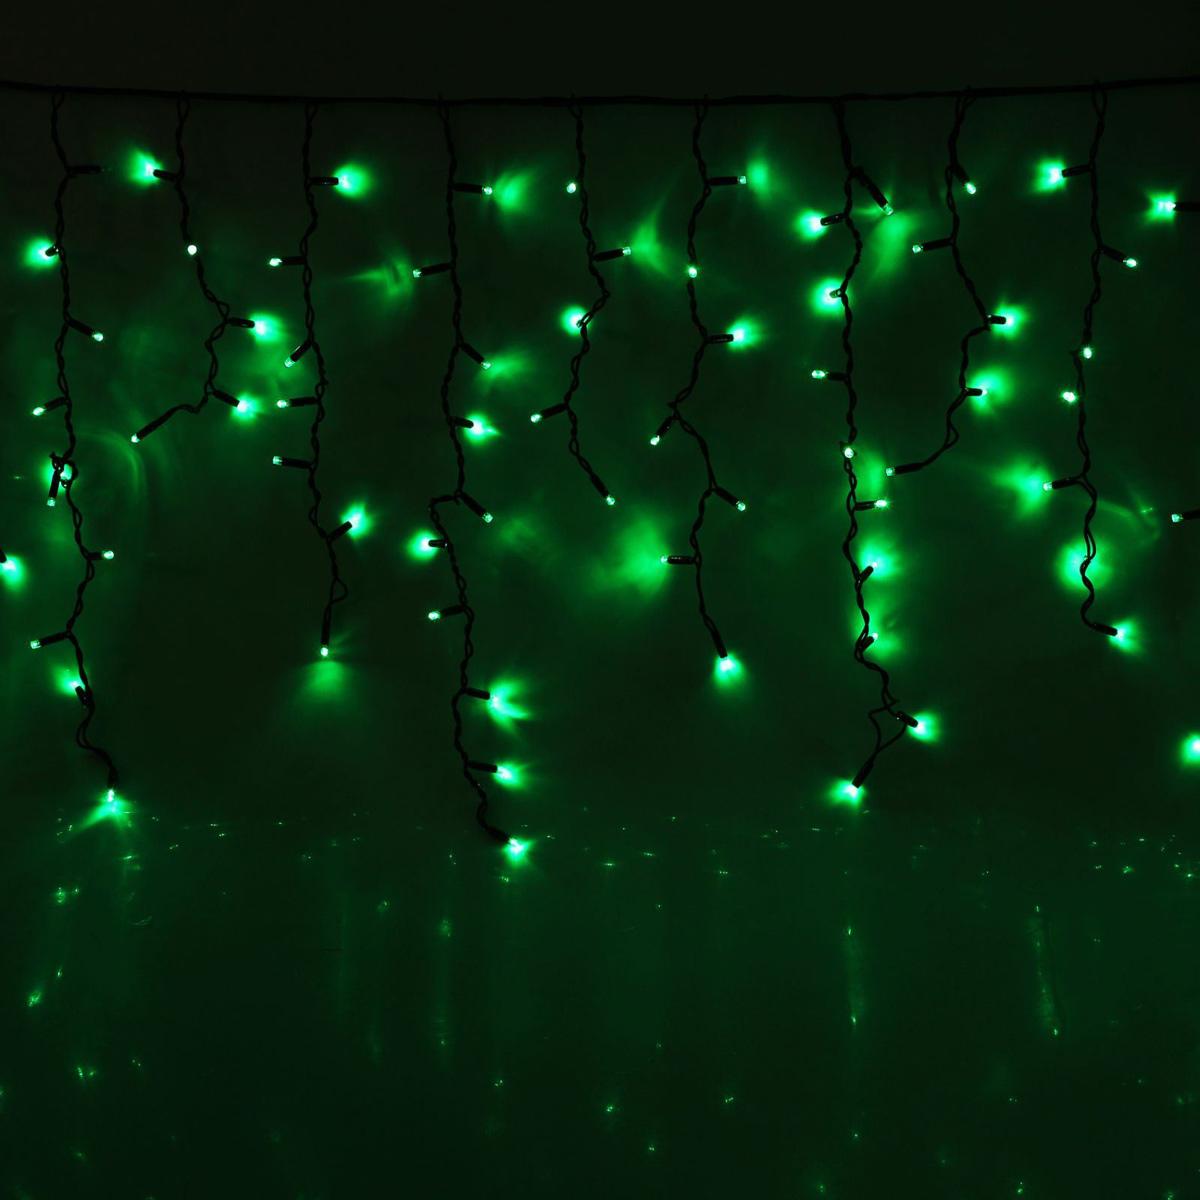 Гирлянда светодиодная Luazon Бахрома, уличная, 330 ламп, 220 V, цвет: зеленый, 5,6 х 0,9 м. 10806571080657Светодиодные гирлянды, ленты и т.д — это отличный вариант для новогоднего оформления интерьера или фасада. С их помощью помещение любого размера можно превратить в праздничный зал, а внешние элементы зданий, украшенные ими, мгновенно станут напоминать очертания сказочного дворца. Такие украшения создают ауру предвкушения чуда. Деревья, фасады, витрины, окна и арки будто специально созданы, чтобы вы украсили их светящимися нитями.